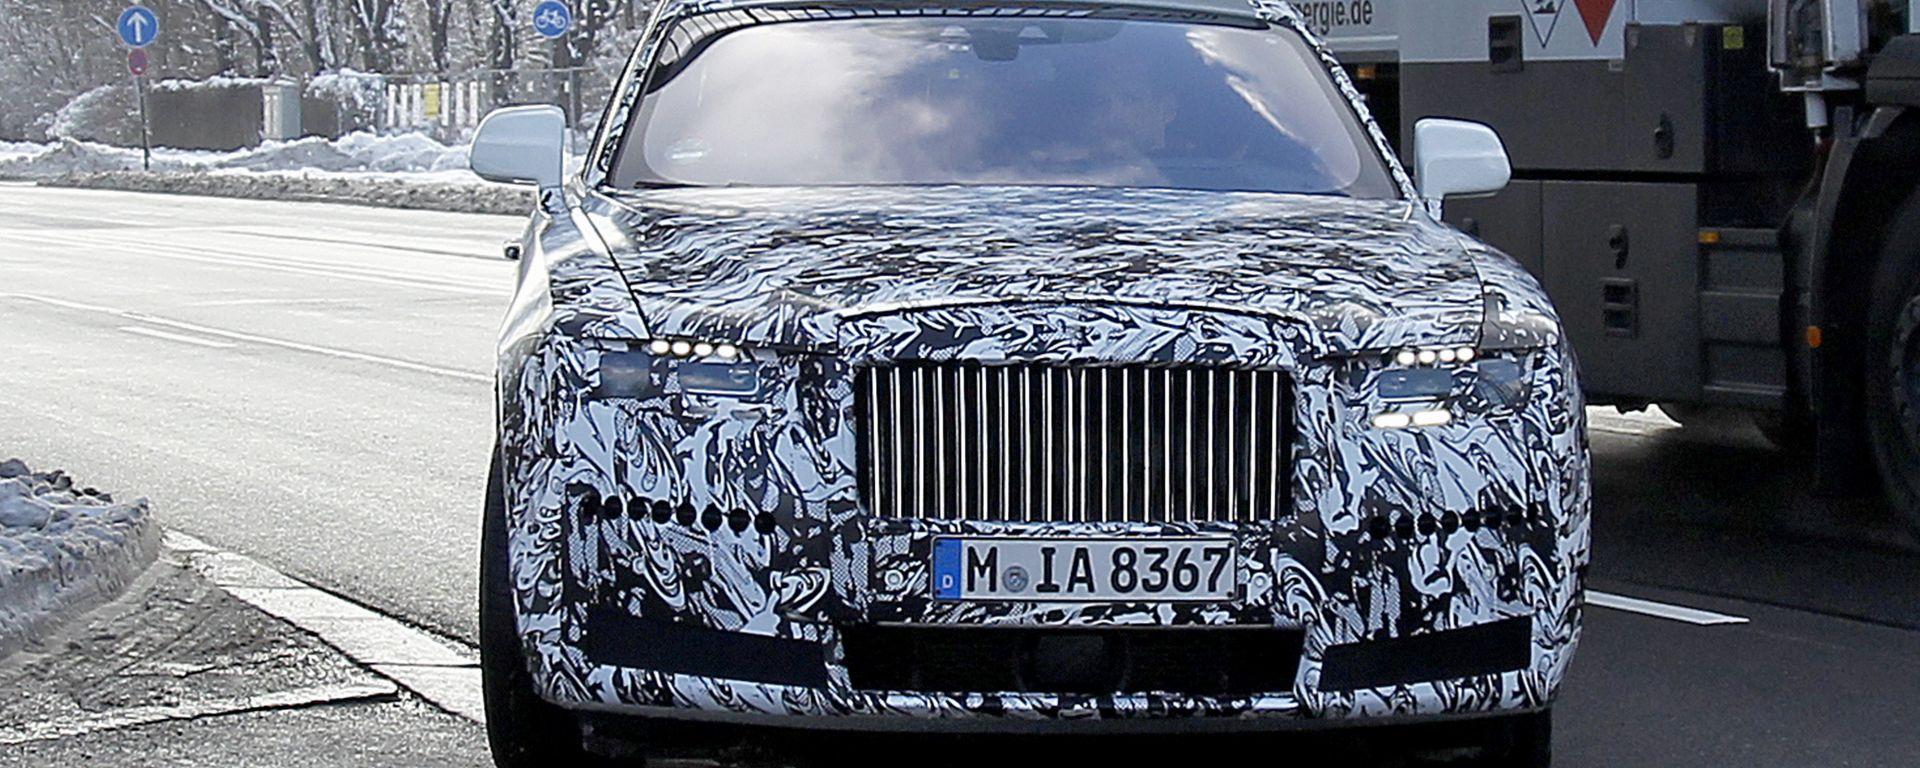 Nuova Rolls-Royce Ghost: ecco come cambia